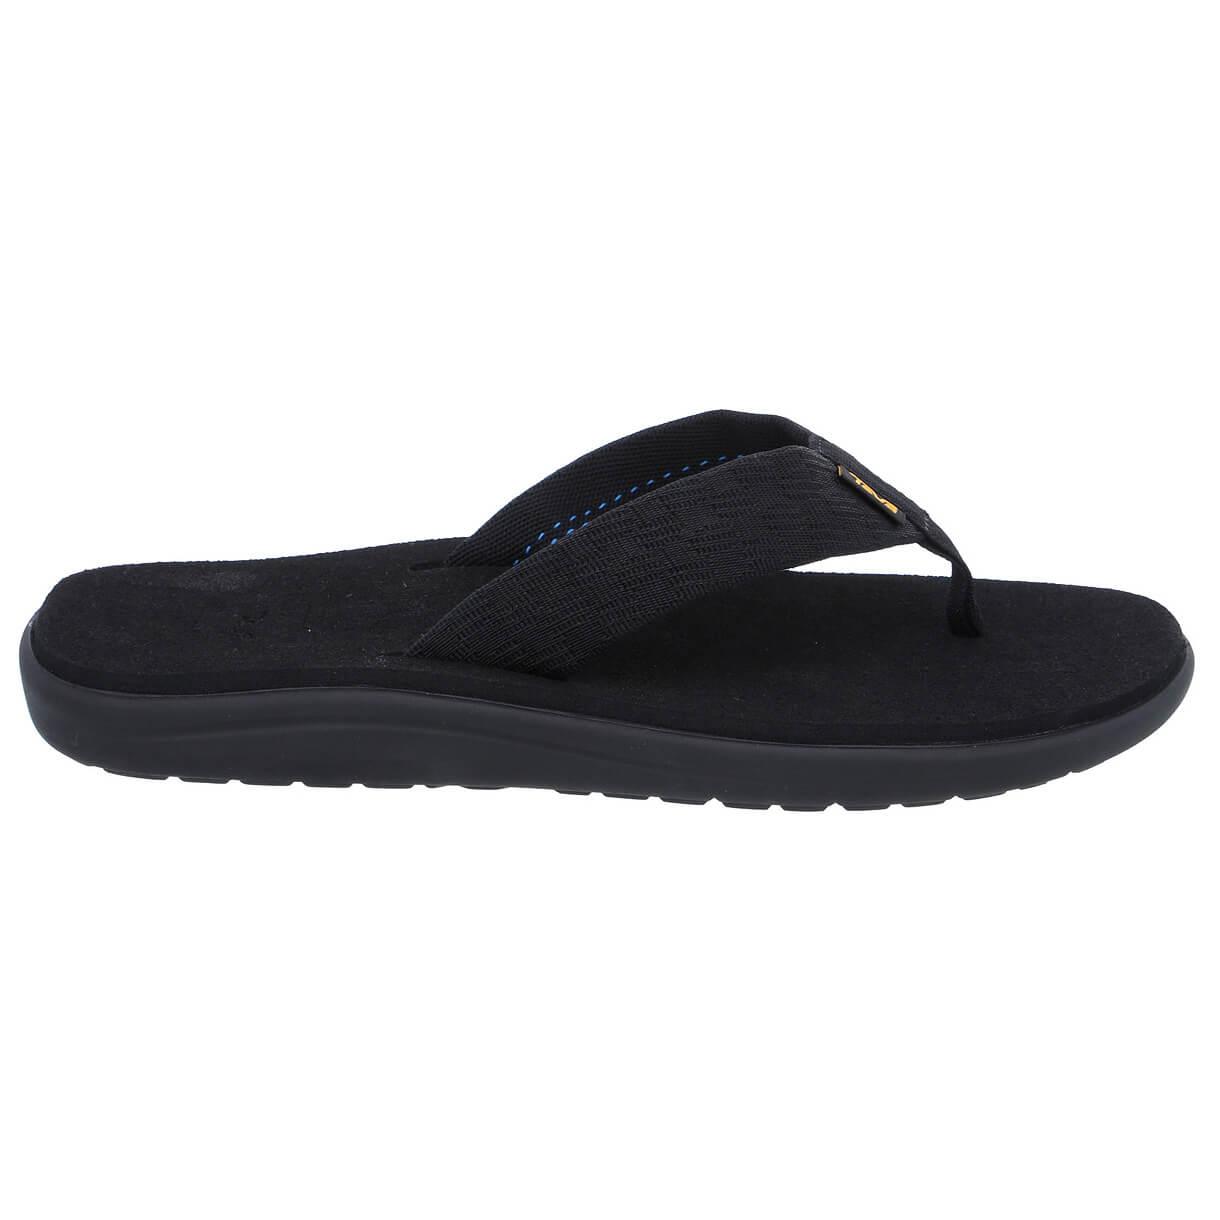 Teva - Voya Flip - Sandalen Gr 10 schwarz dXSWO76vAc